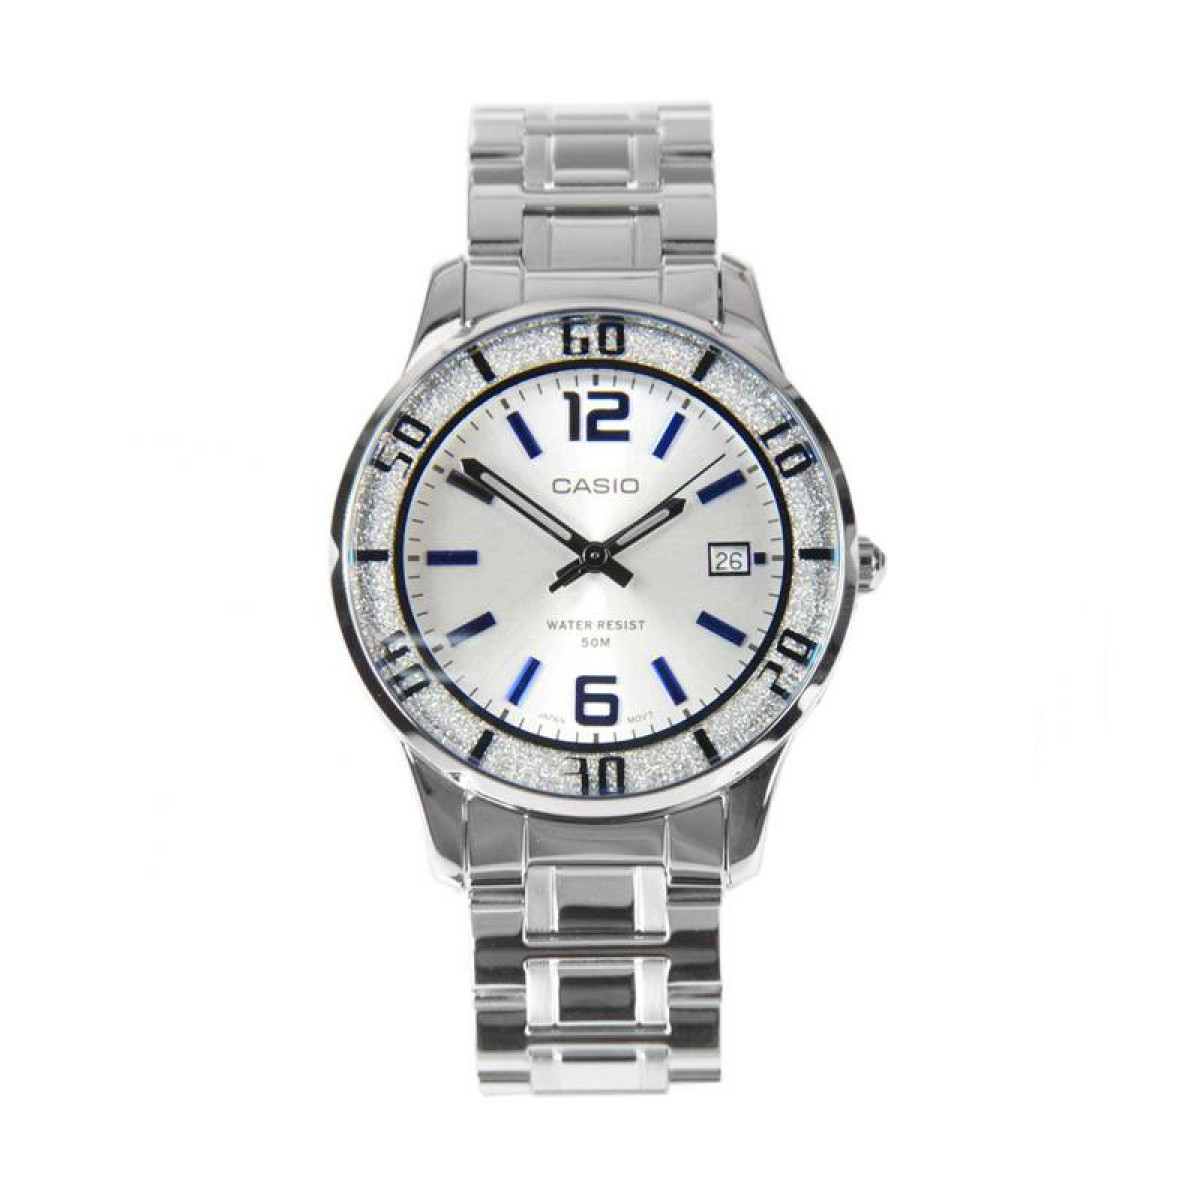 Часовник Casio LTP-1359D-7AV